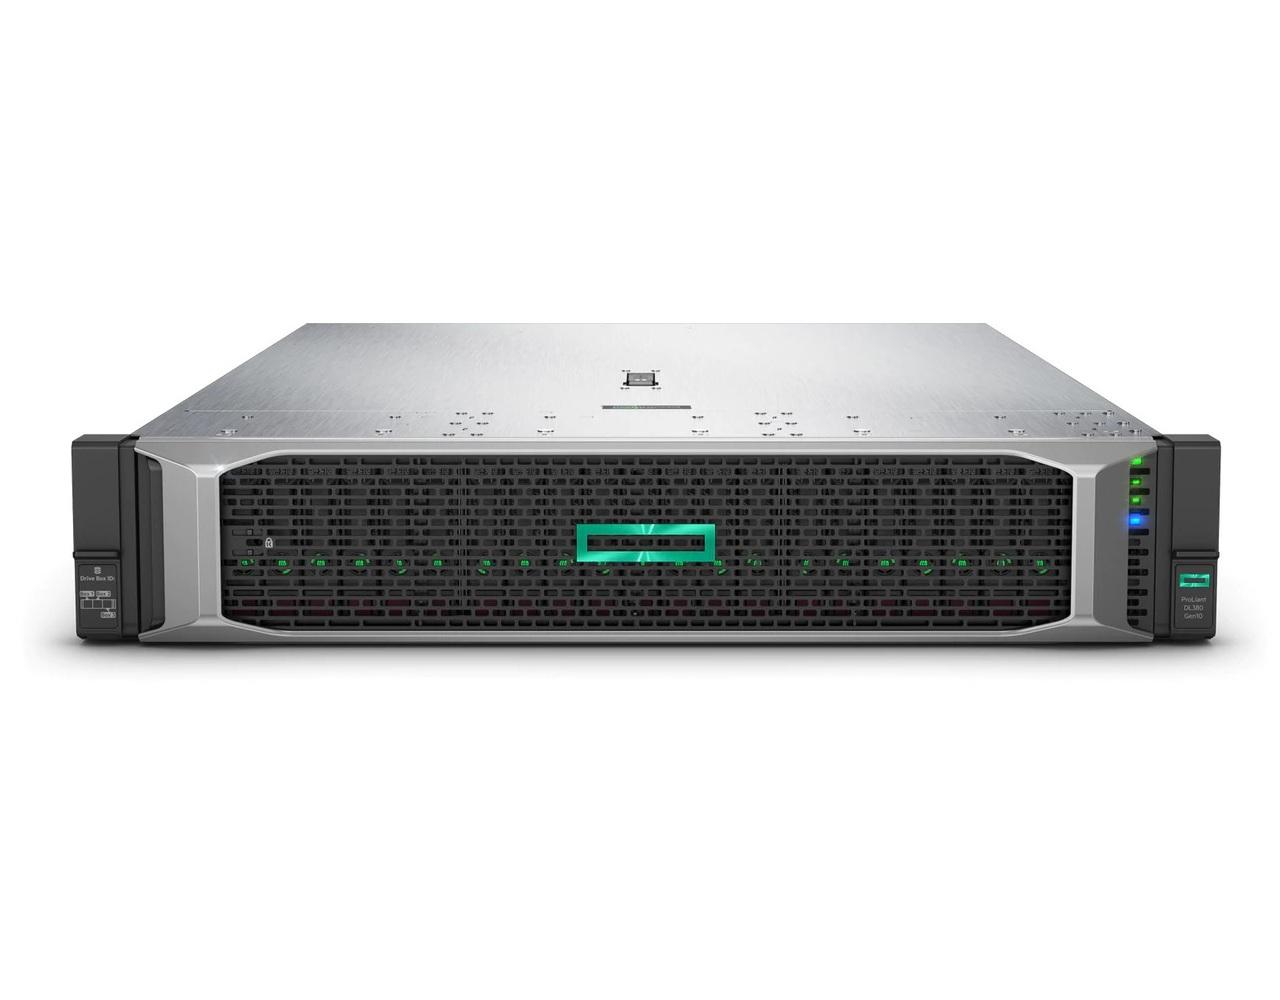 Hewlett Packard Enterprise ProLiant DL380 Gen10 4208 8SFF PERF WW servidor Intel® Xeon® Silver 2,1 GHz 16 GB DDR4-SDRAM Bastidor (2U) 500 W